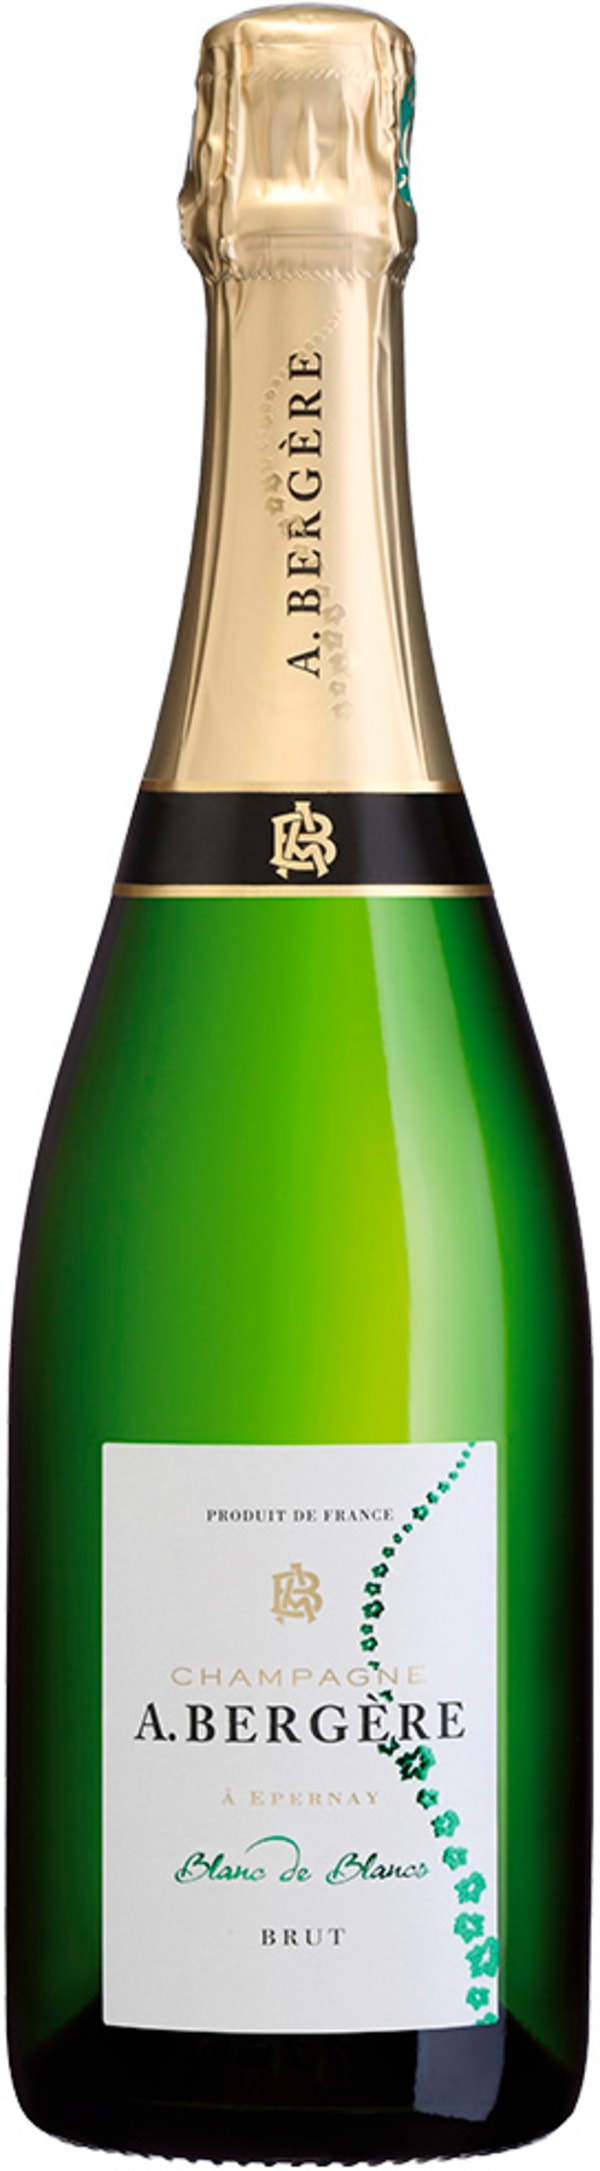 A. Bergere Blanc de Blancs Champagne Brut